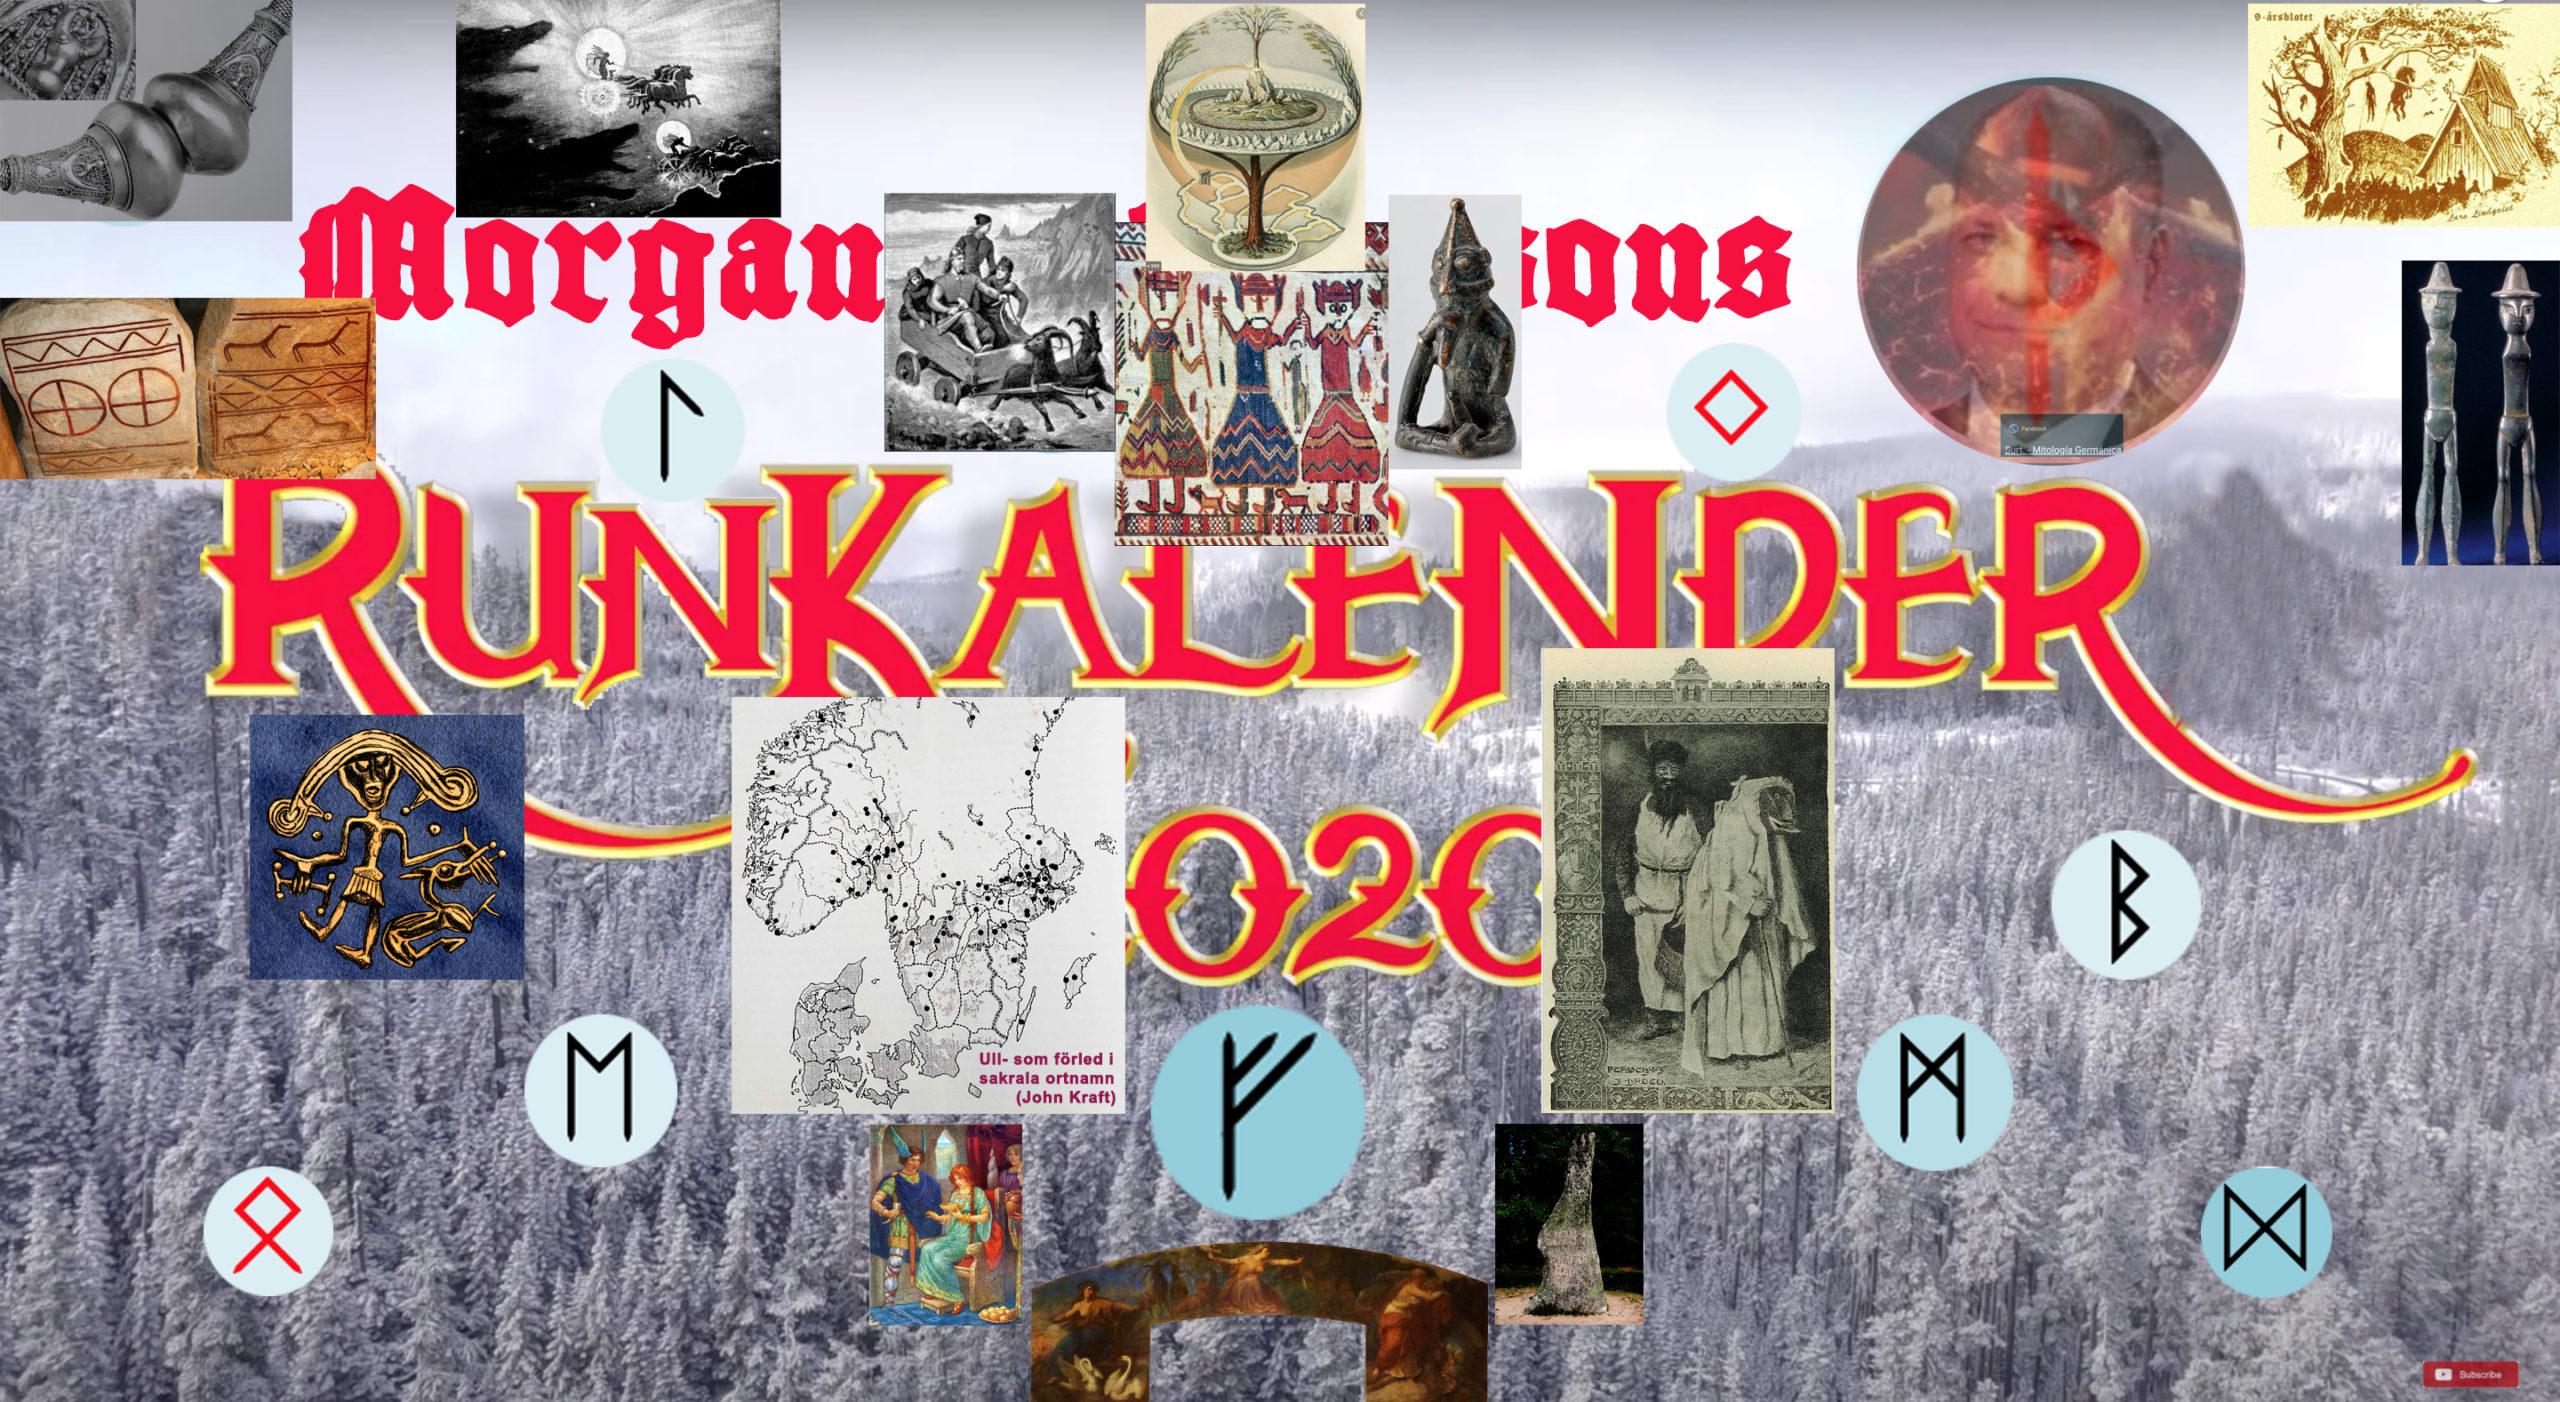 Runkalendern 17. Bjarka